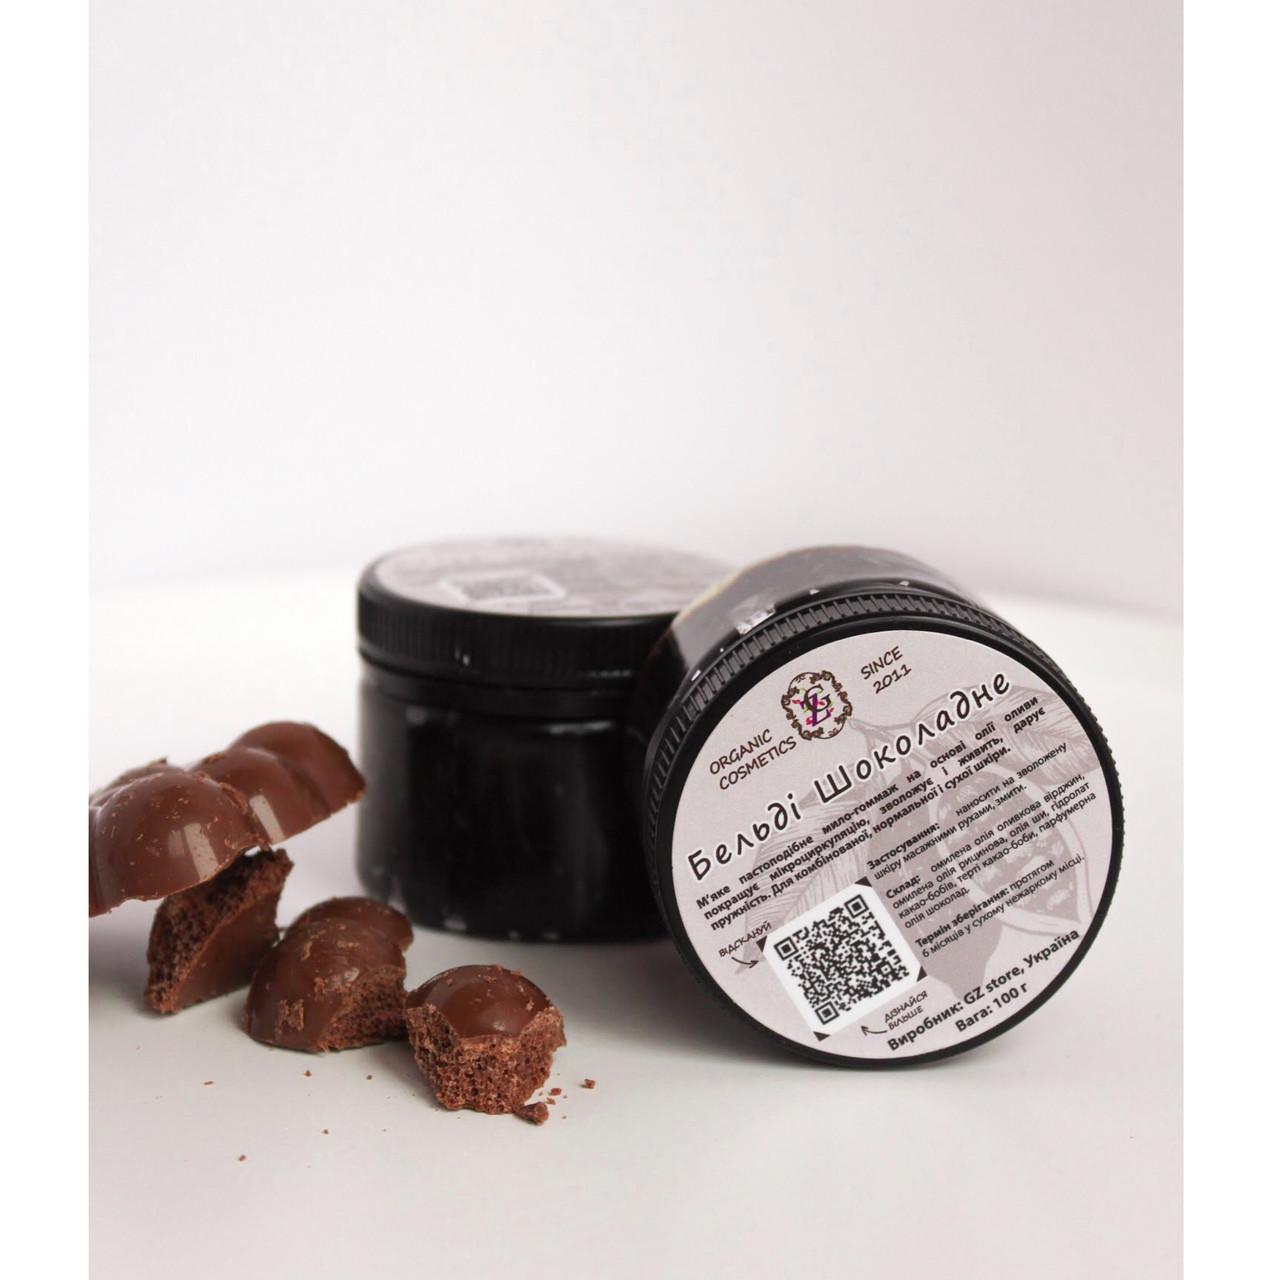 Гоммаж ніжна -пілінг-маска з оливкової олії для глибокого очищення шкіри - Терте какао-шоколад 250 г